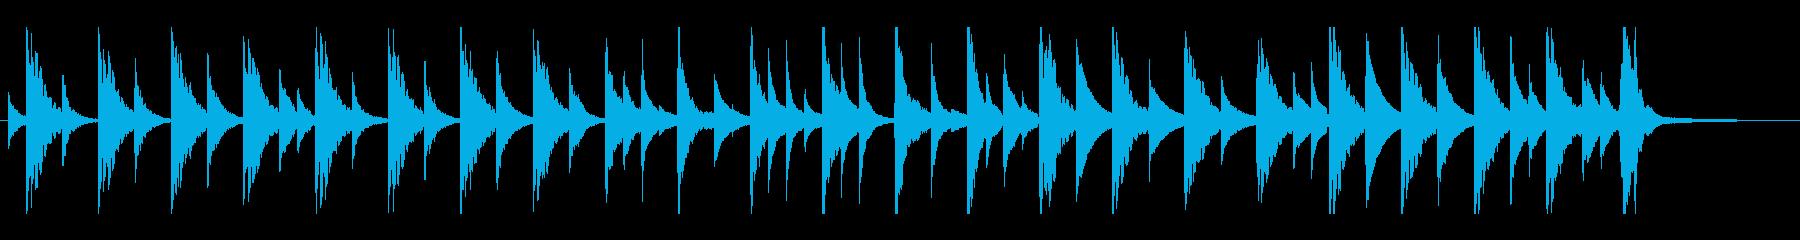 しっとりさびしい切ない回想シーンの再生済みの波形